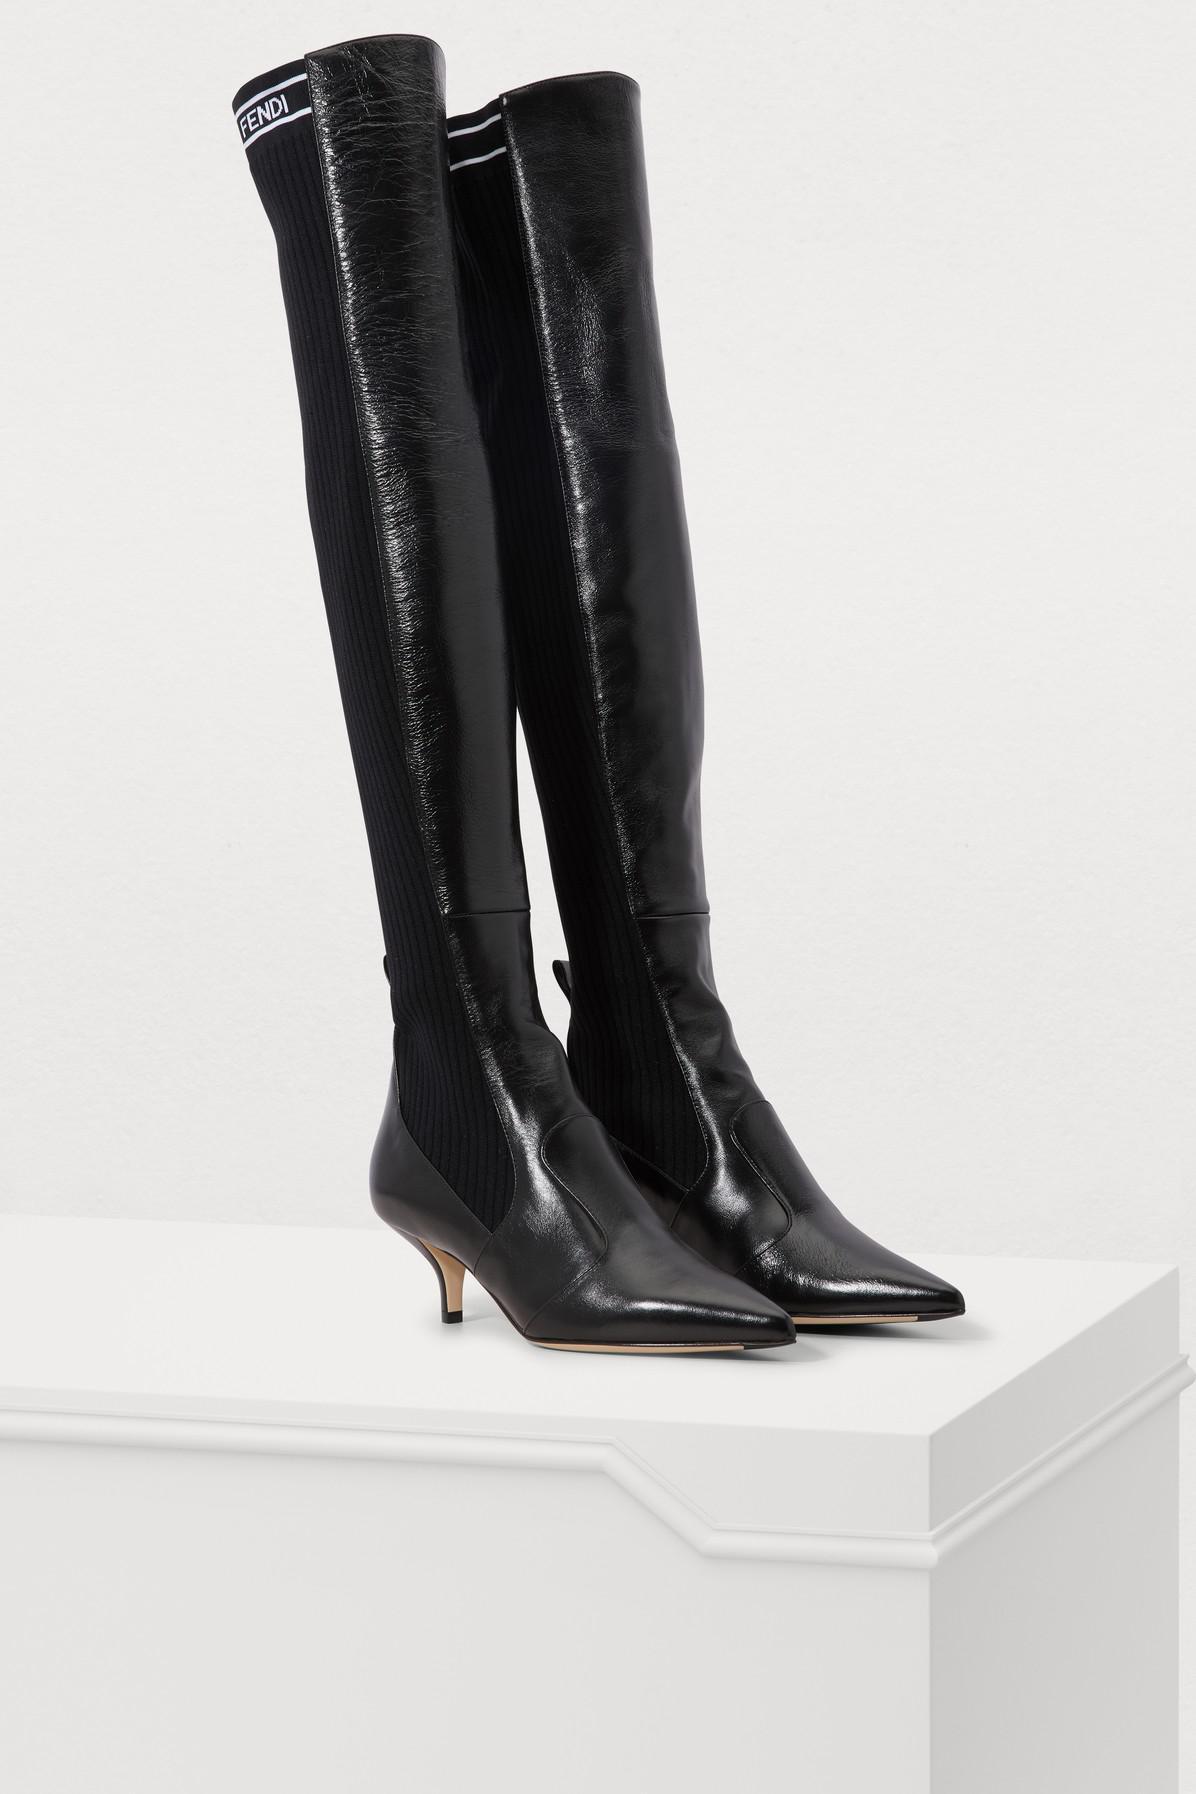 64edd16a Lyst - Fendi Rockoko Thigh Boots in Black